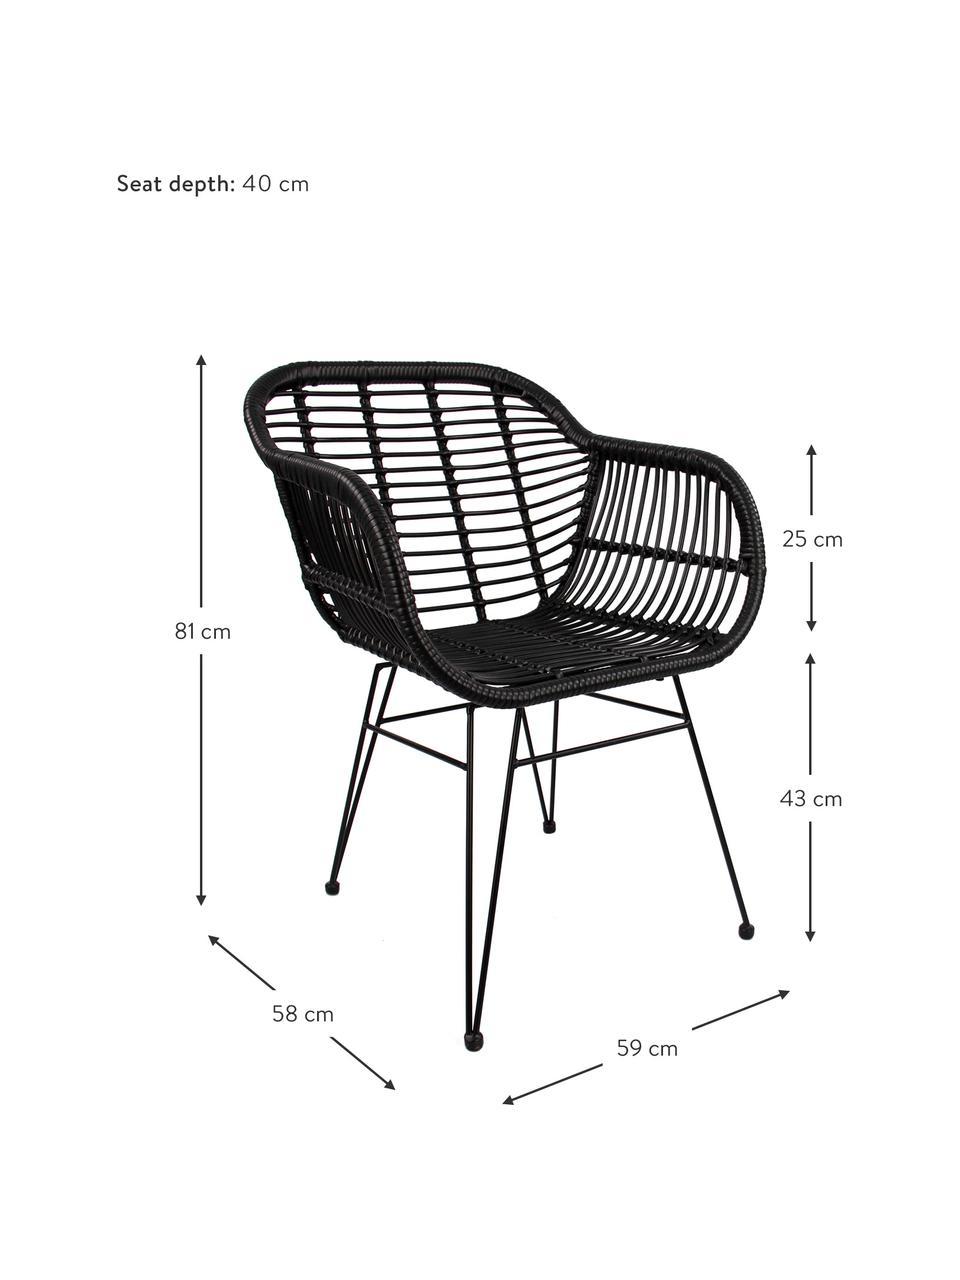 Polyrattan-Armlehnstühle Costa, 2 Stück, Sitzfläche: Polyethylen-Geflecht, Gestell: Metall, pulverbeschichtet, Schwarz, Schwarz, B 59 x T 58 cm